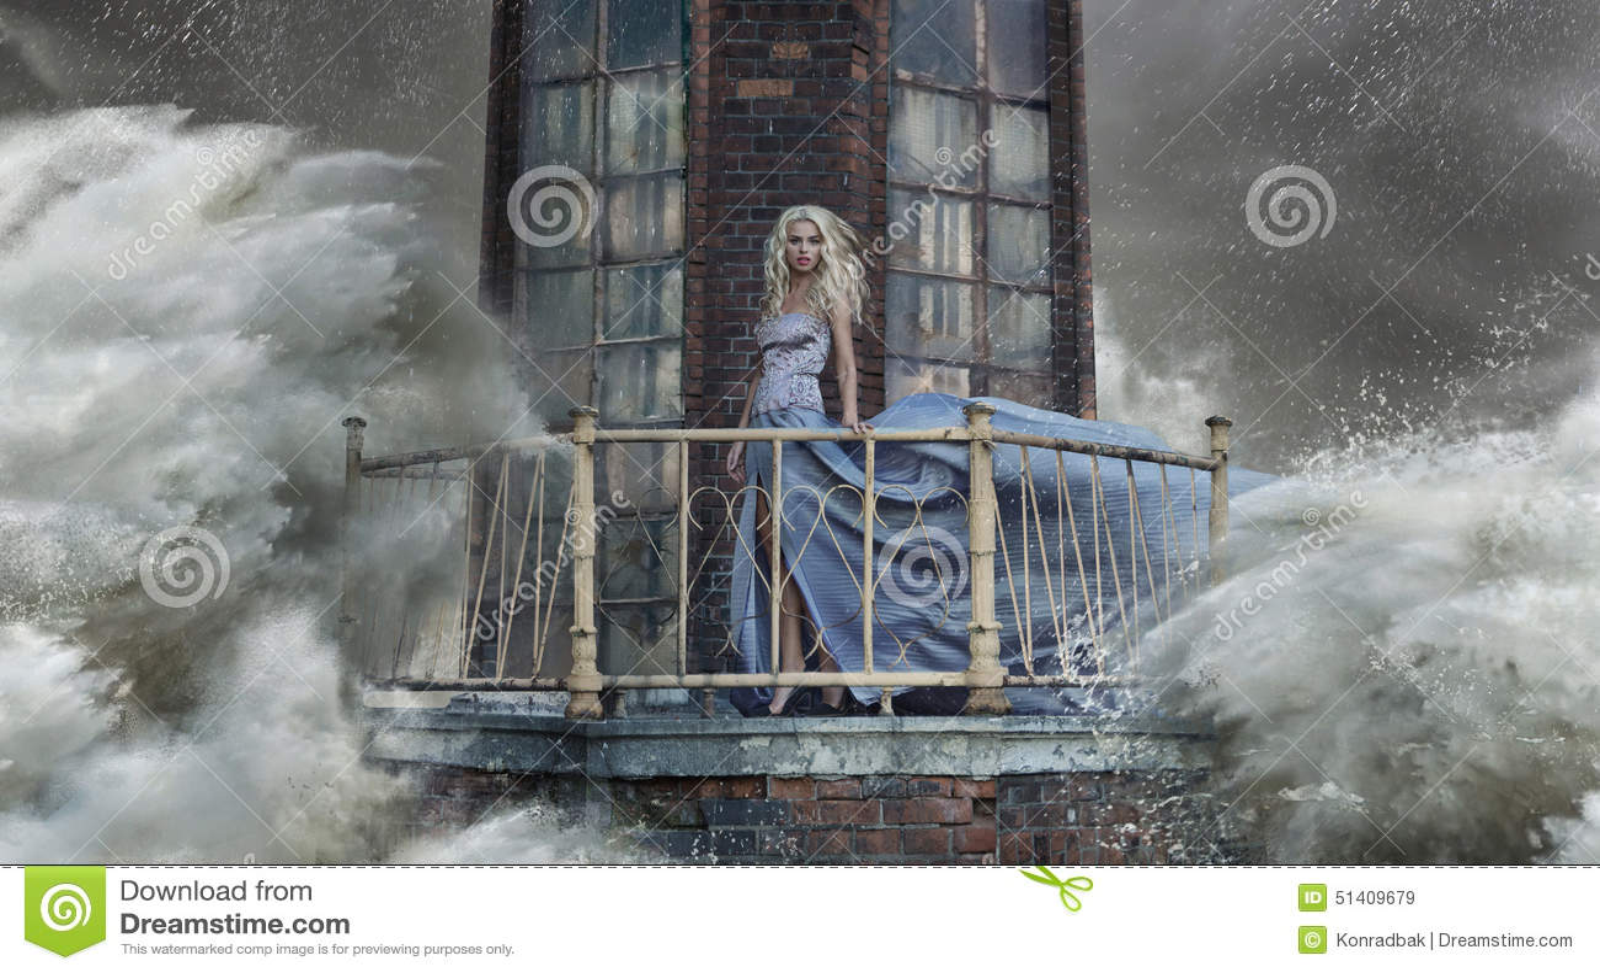 Foto conceptual de uma mulher que está no farol